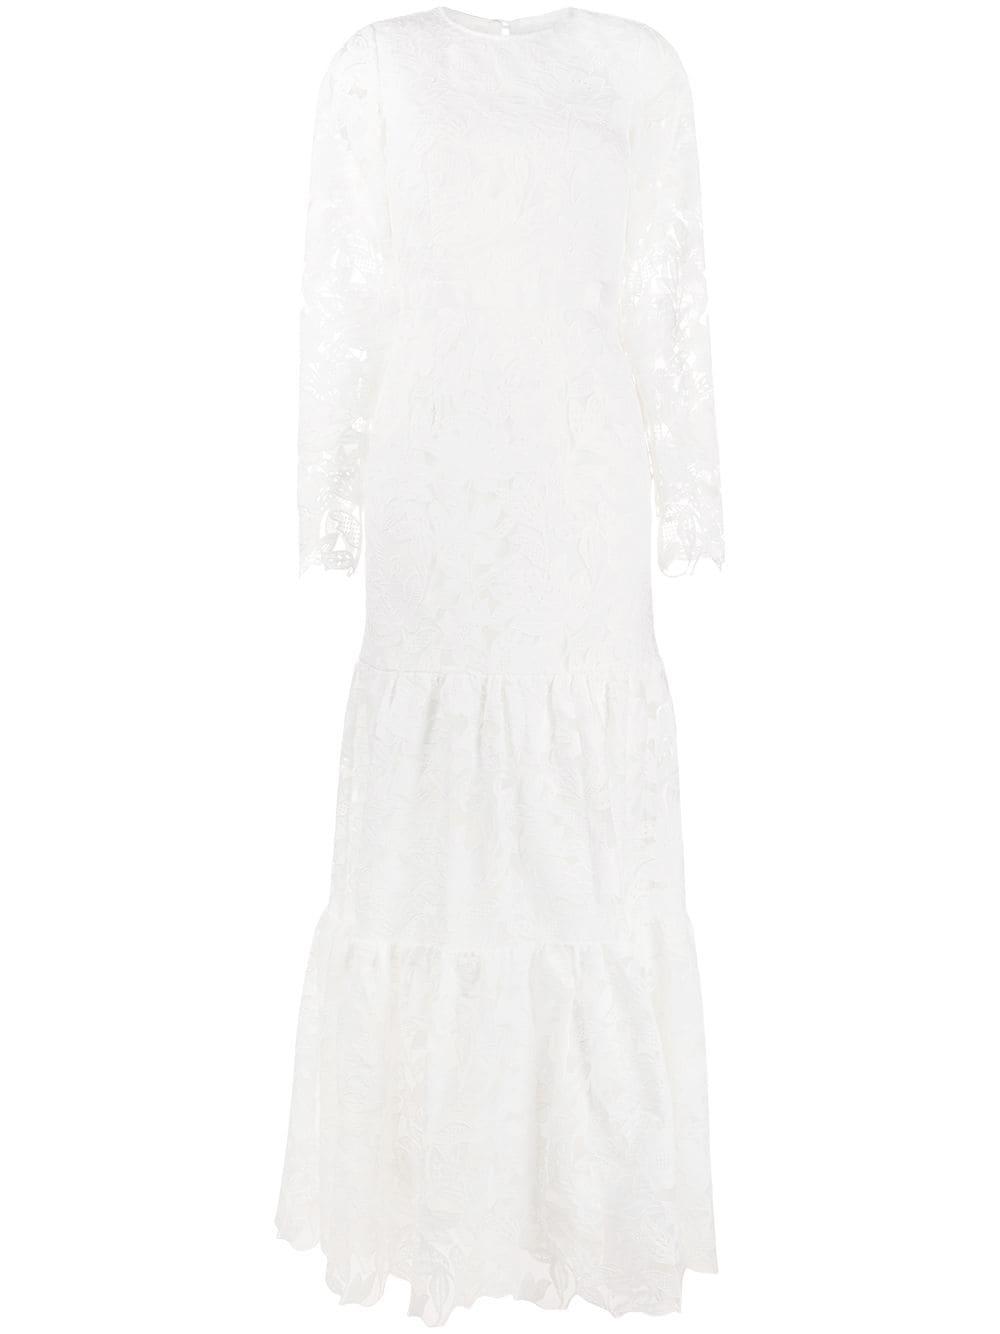 Krajkové šaty s dlouhými rukávy, SELF-PORTRAIT